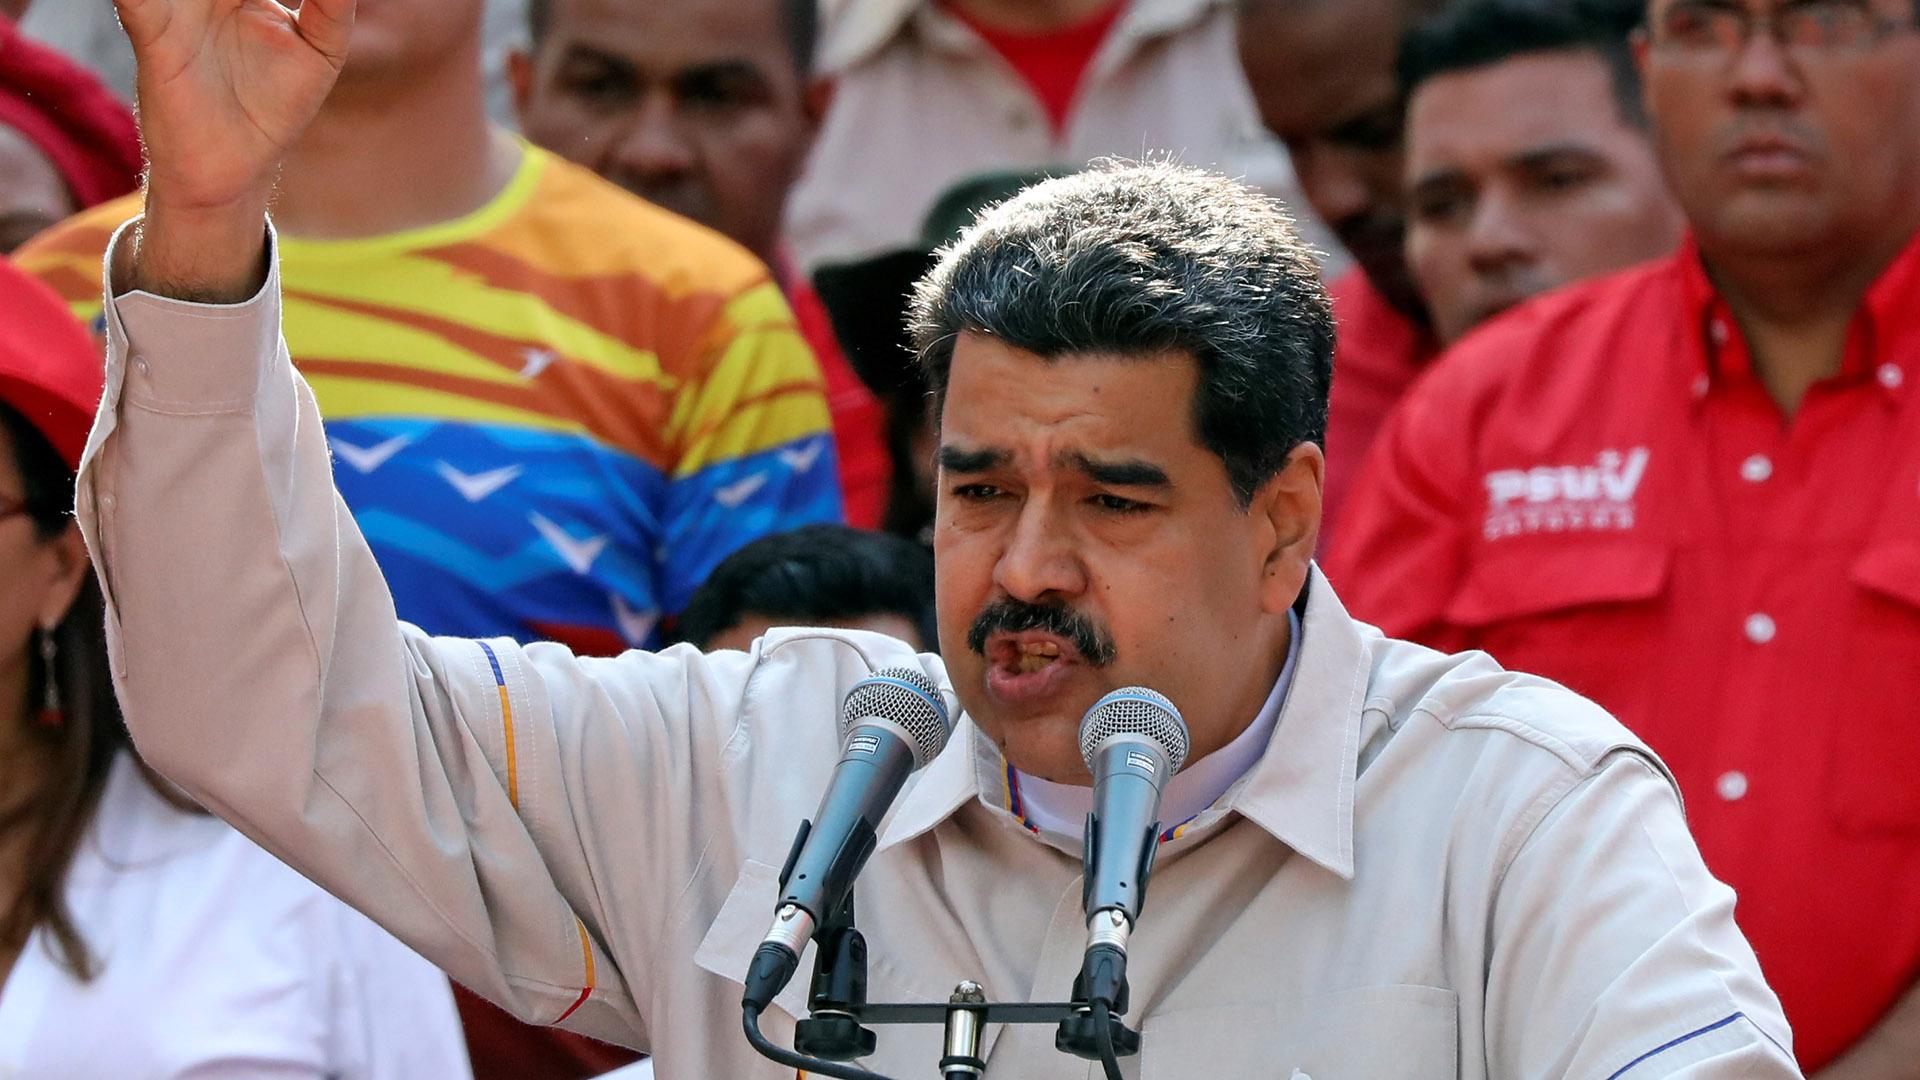 Nicolás Maduro en un acto político en Caracas el seis de abril de dos mil diecinueve (REUTERS/Manaure Quintero)